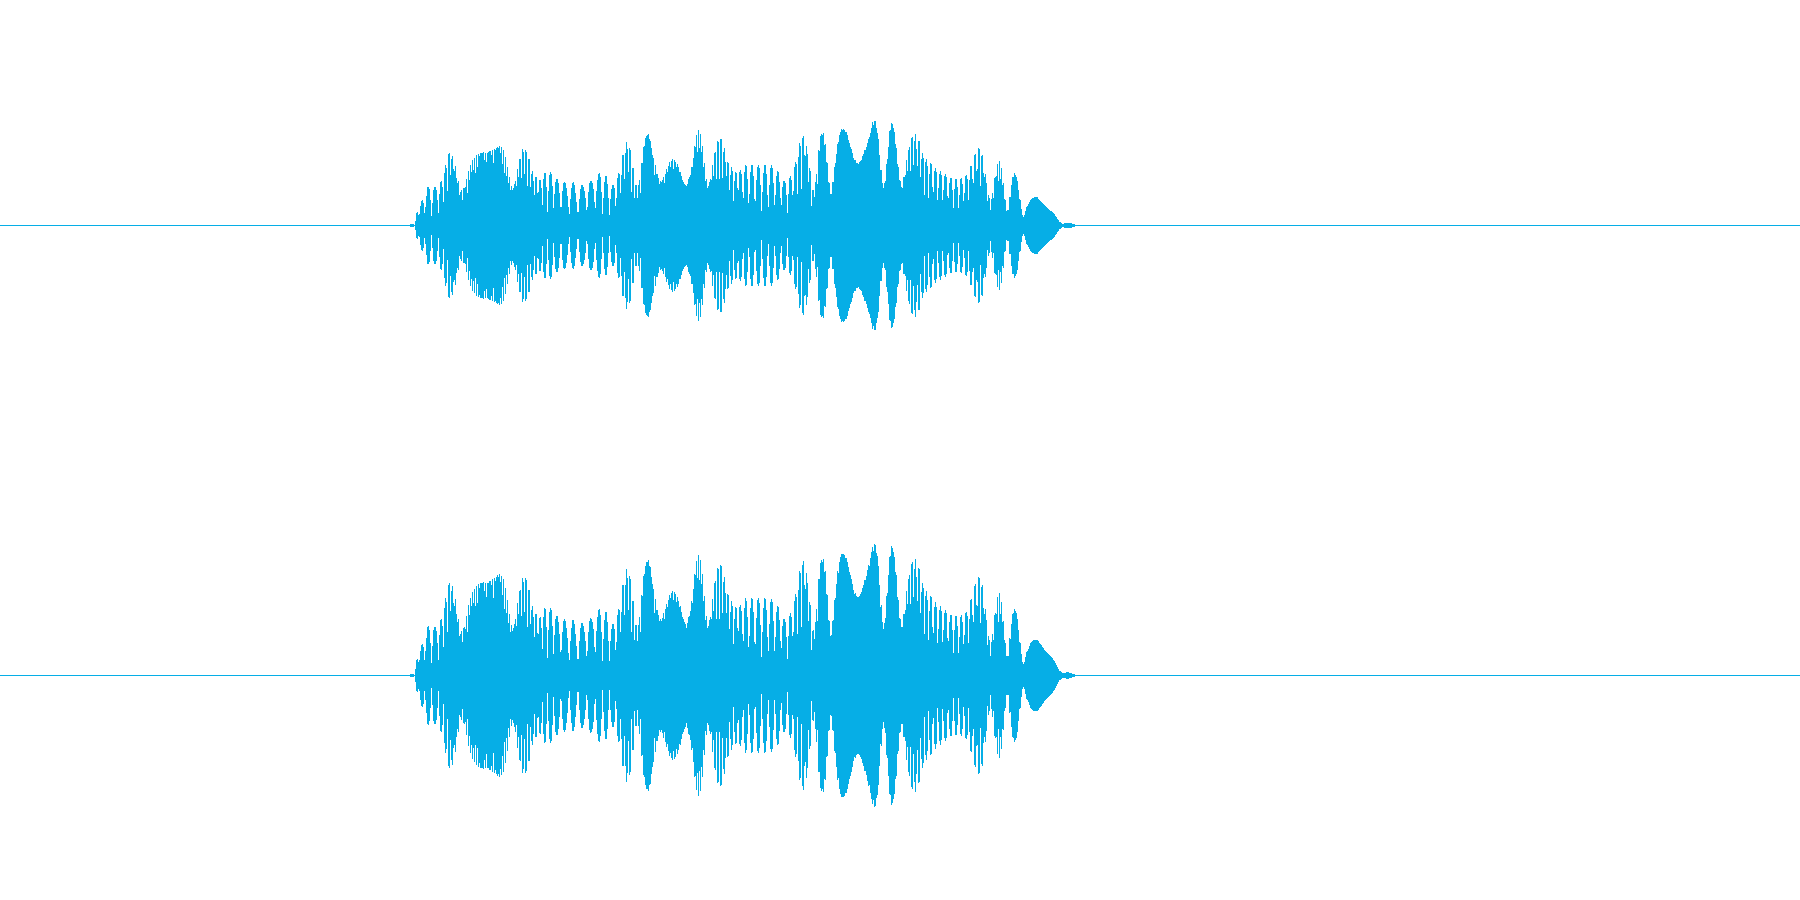 ヒュッヒュッヒュ(不思議なものが動く音)の再生済みの波形